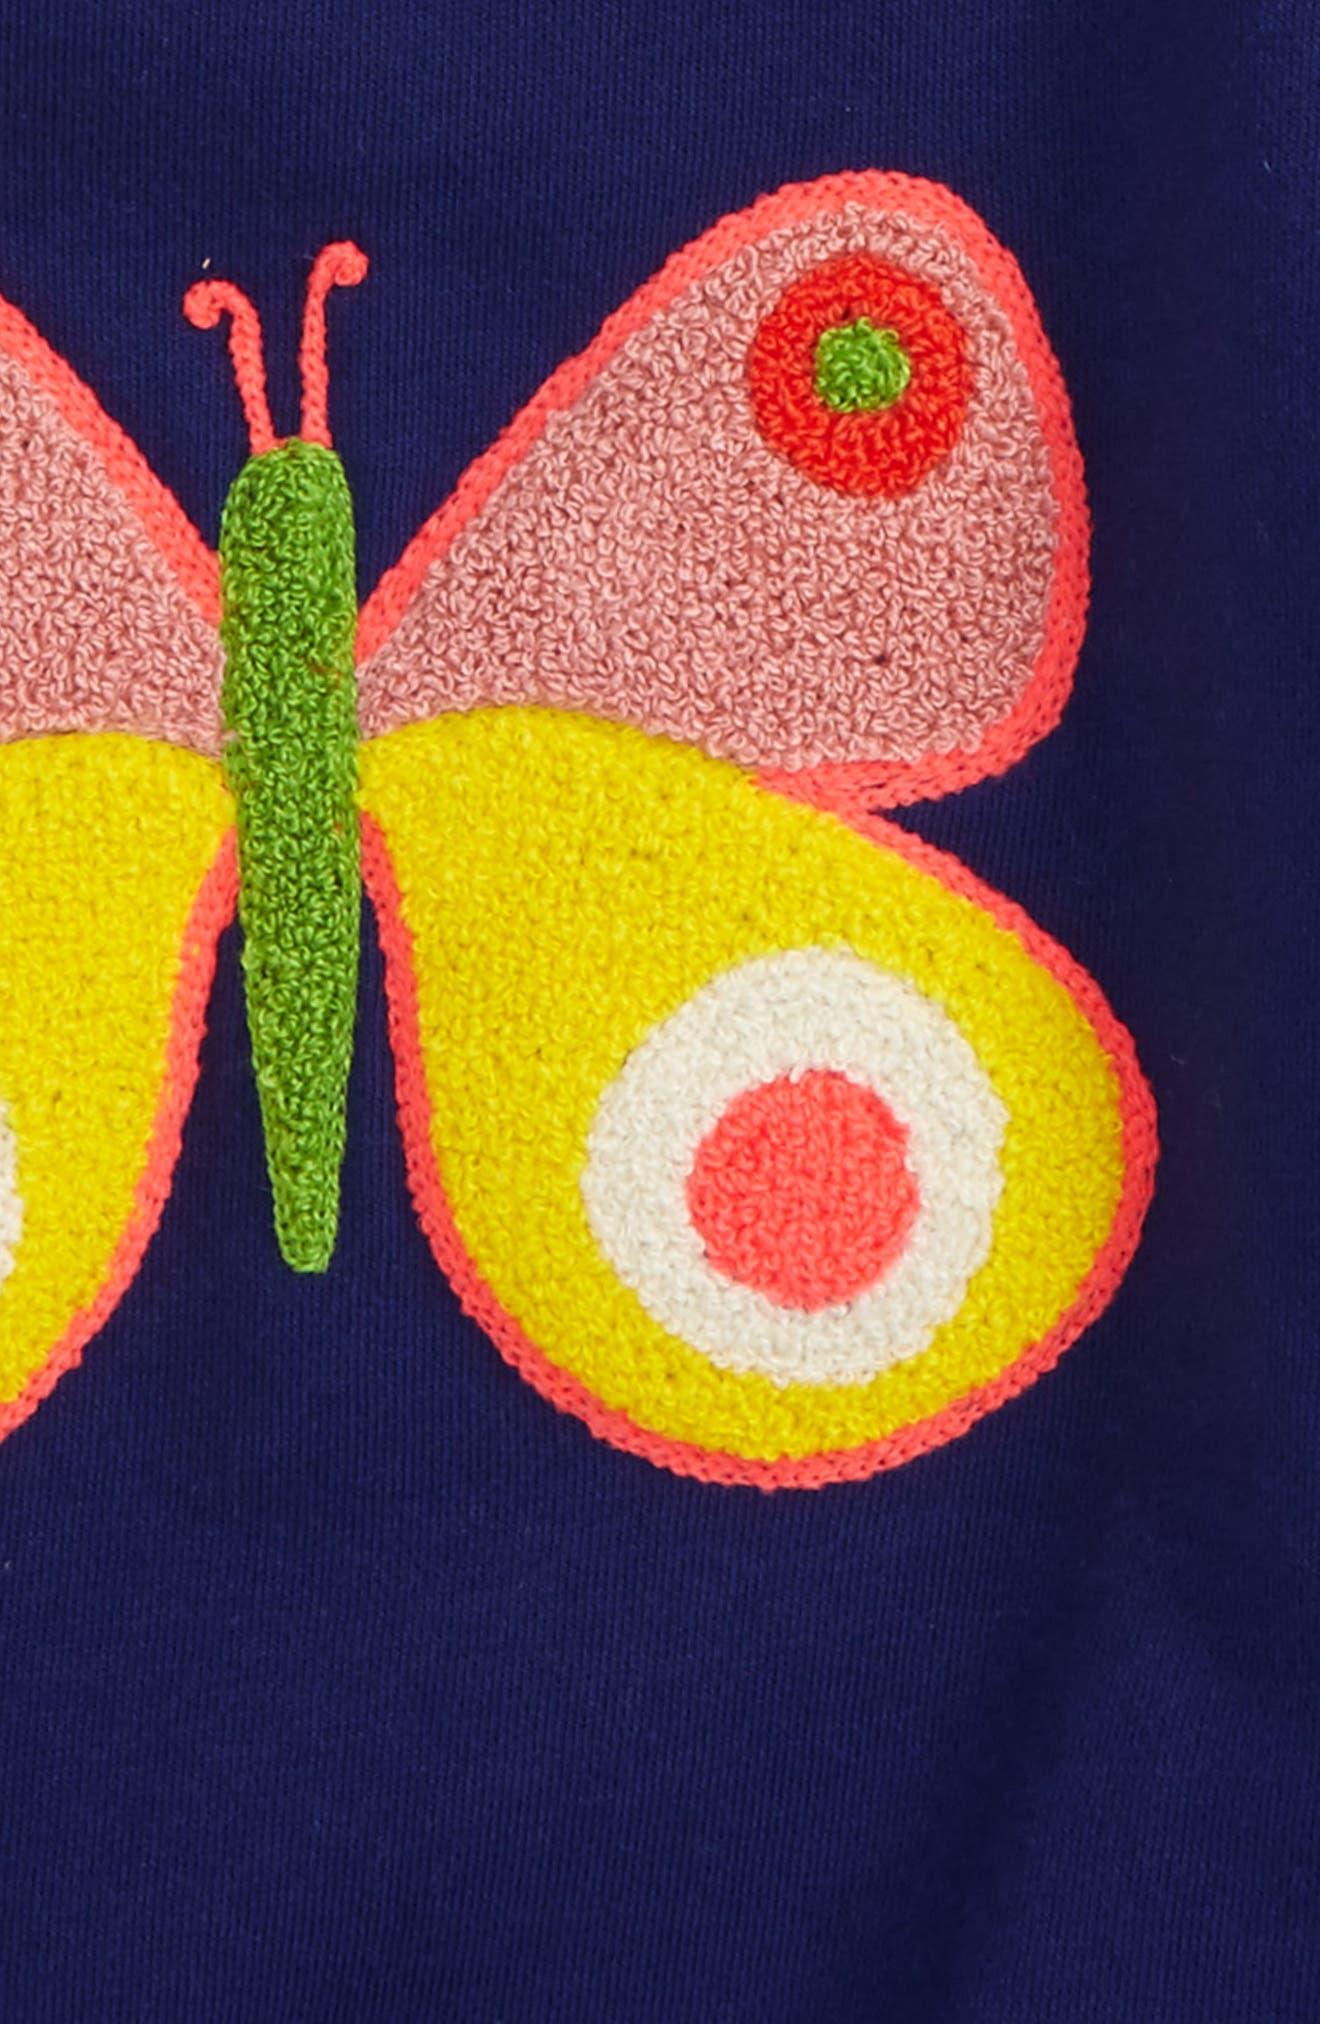 Bouclé Embroidered Sweatshirt,                             Alternate thumbnail 2, color,                             414